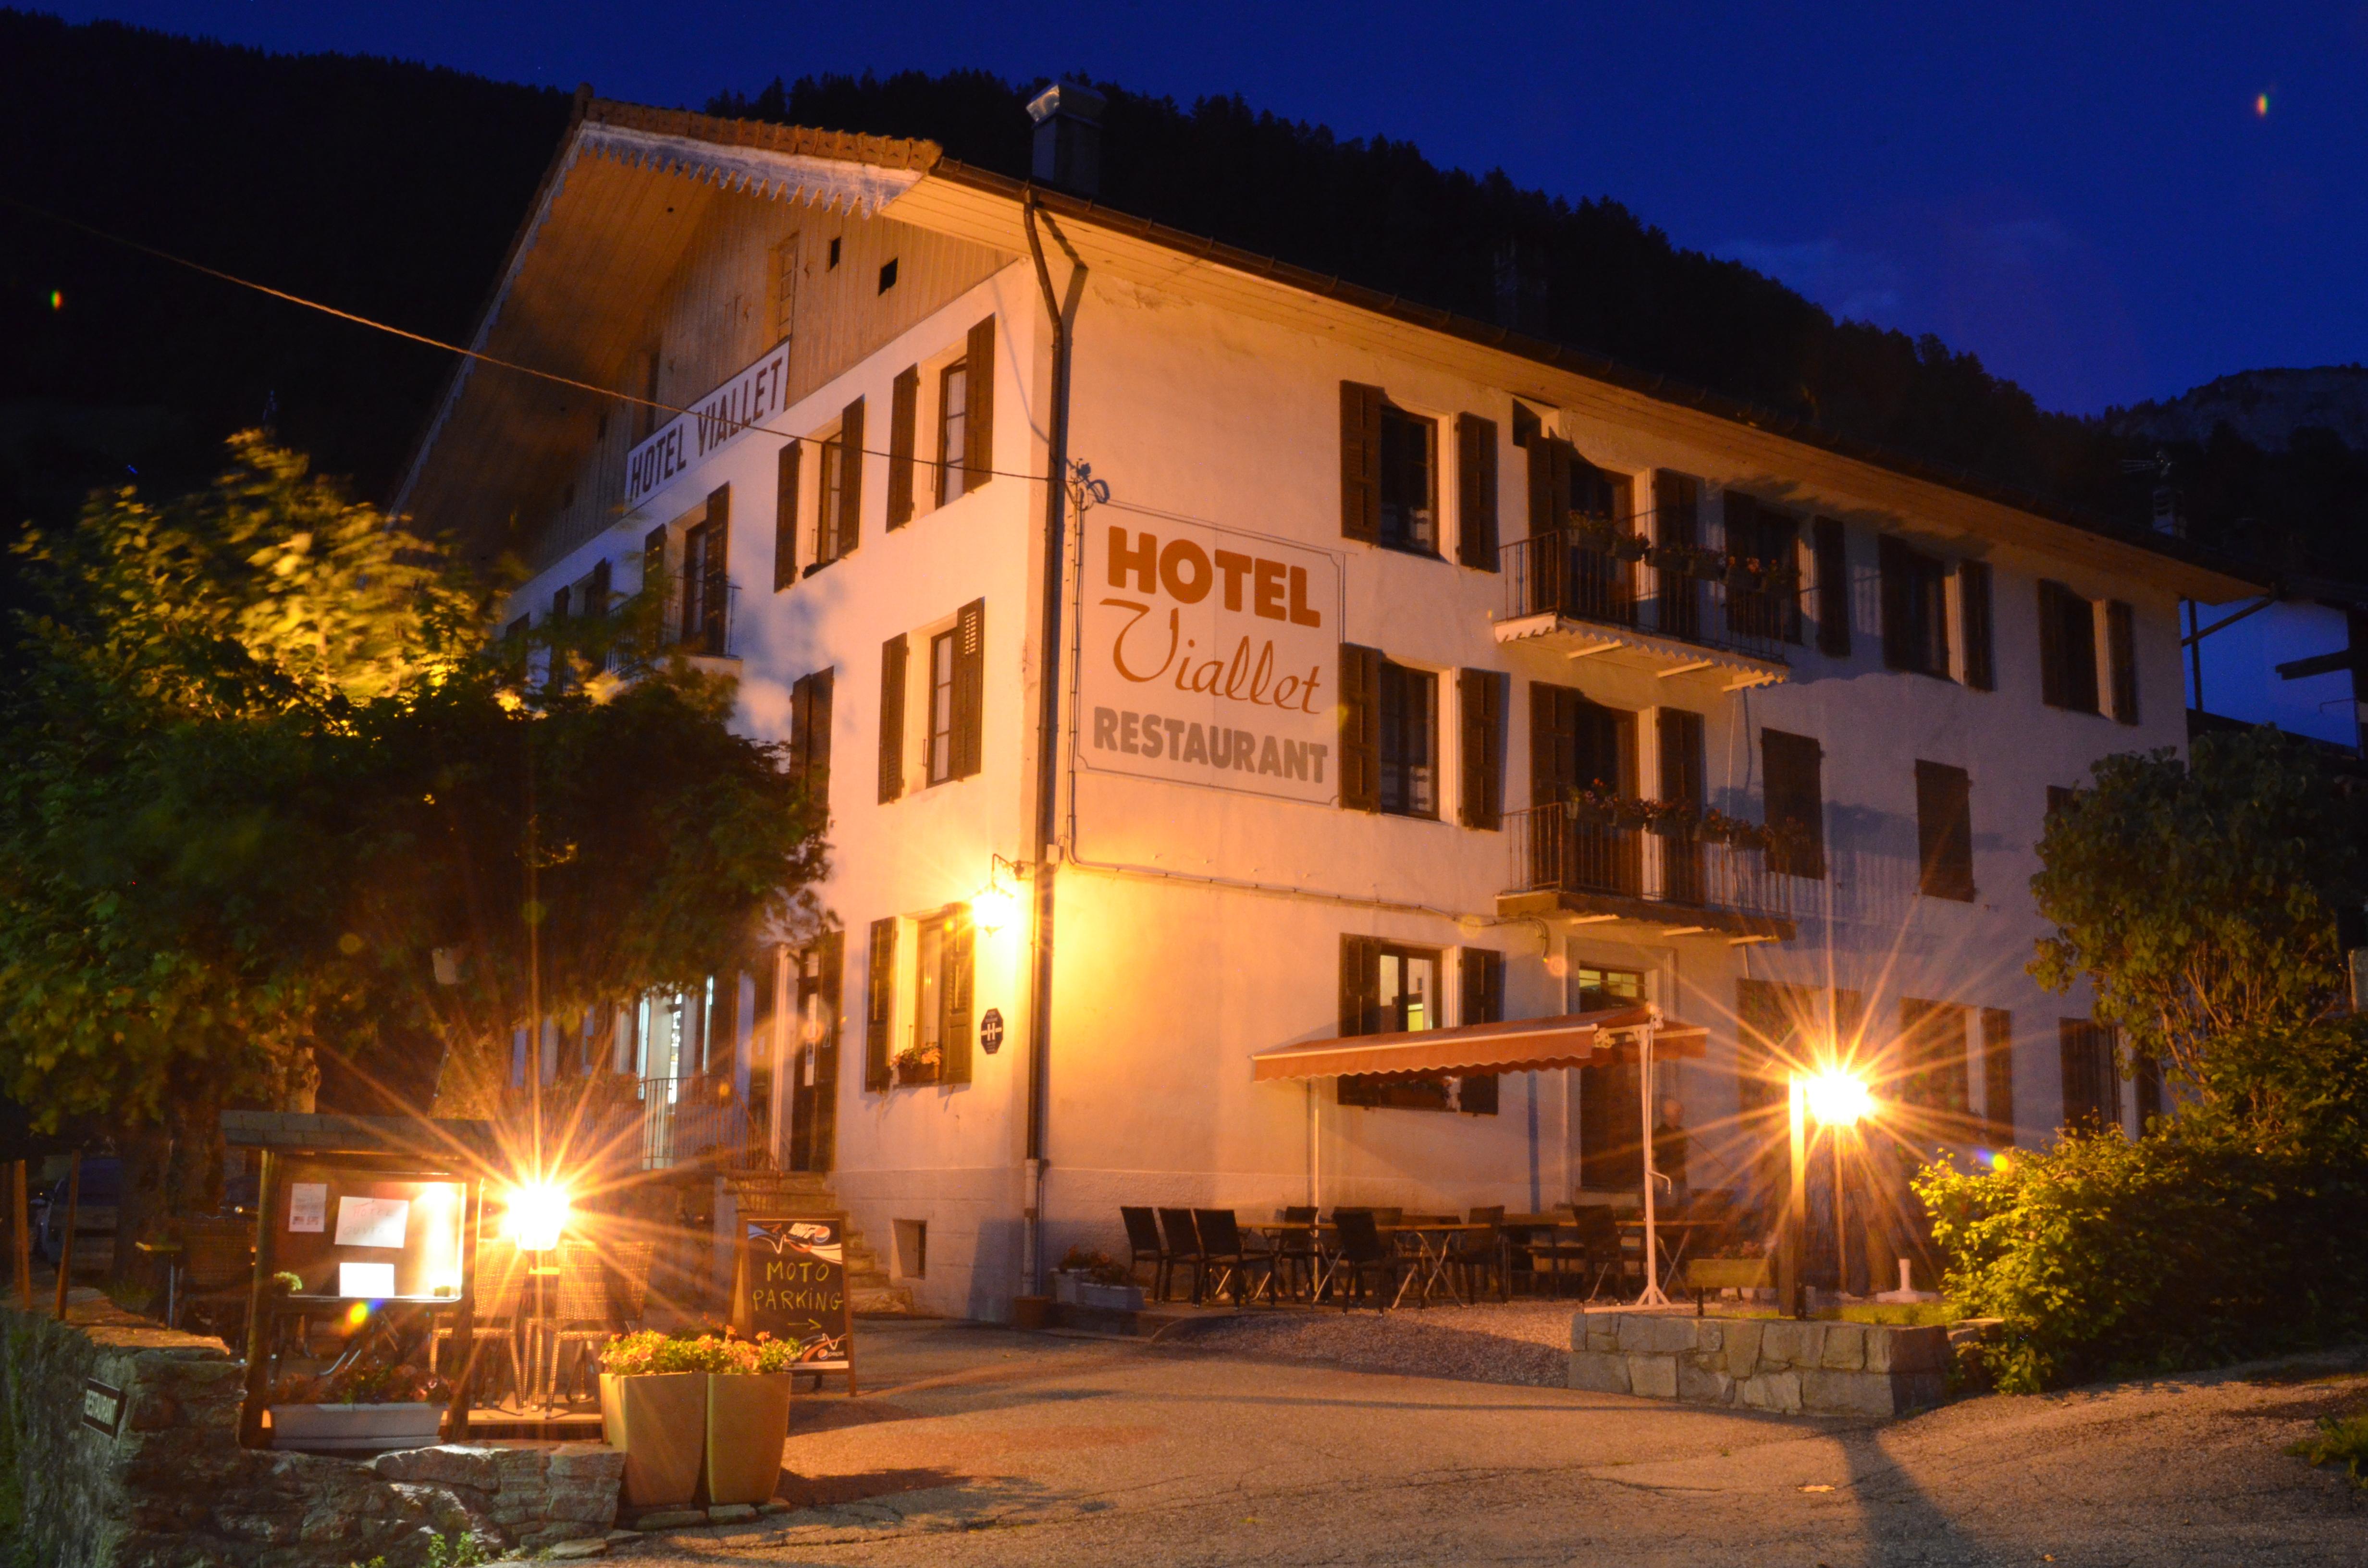 Hôtel Viallet. **